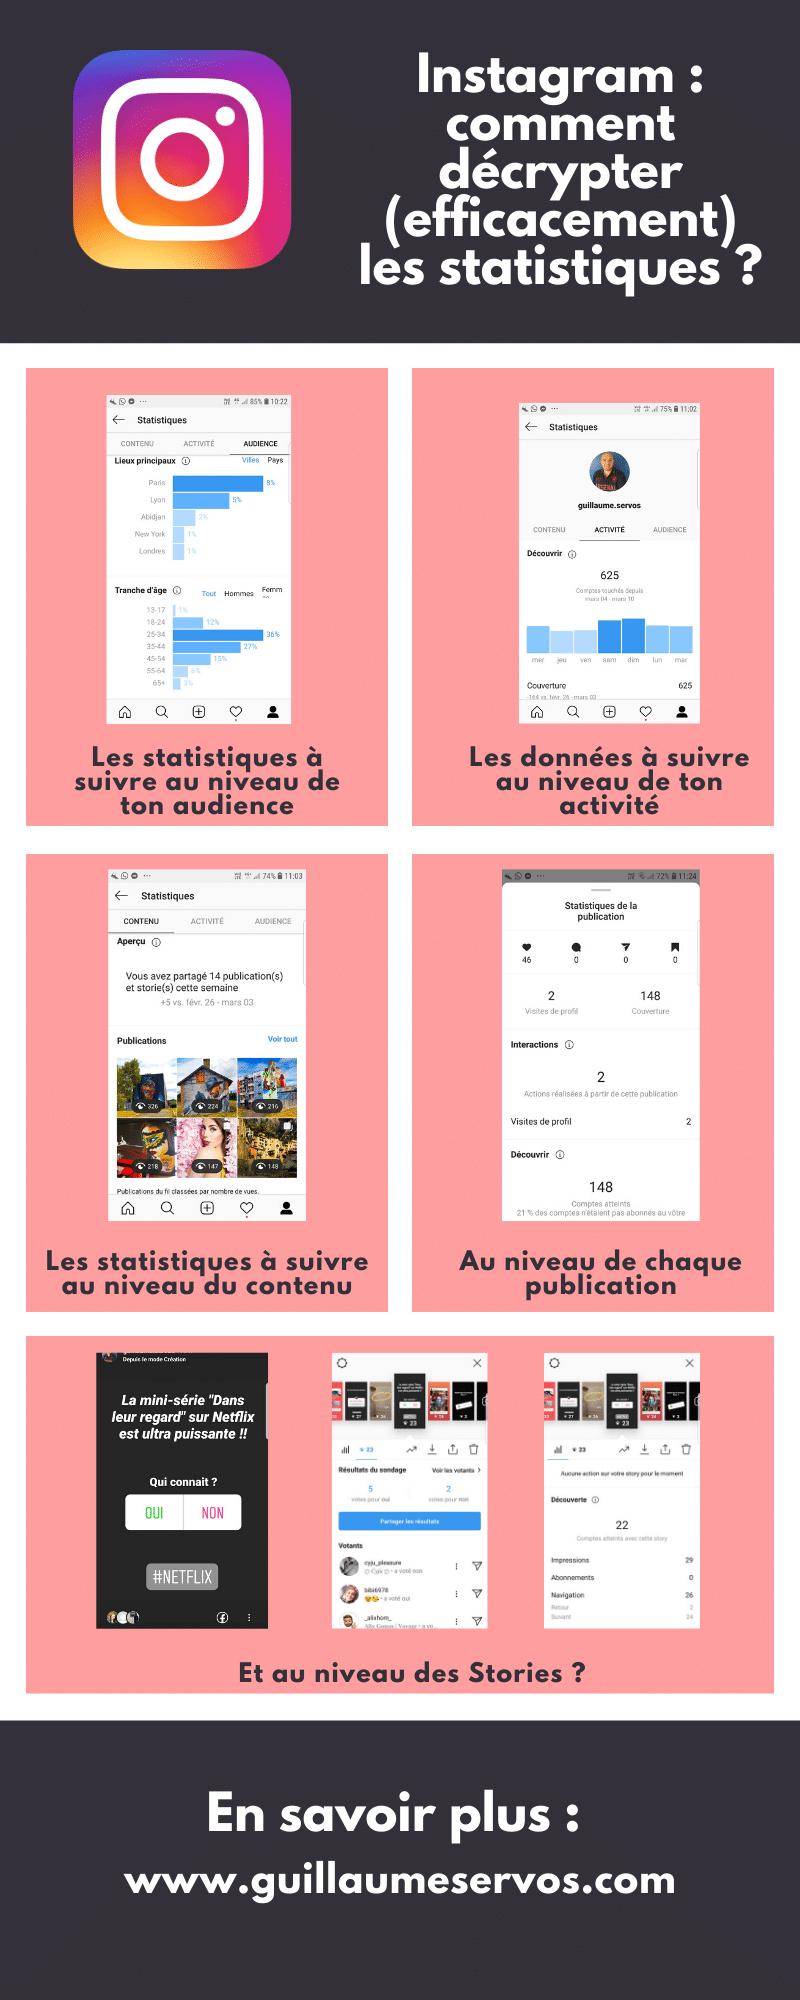 Grande entreprise ou petit instagrameur, garder un œil attentif sur ses statistiques Instagram va t'aider à identifier les domaines dans lesquels tu peux améliorer ta visibilité et ton engagement.